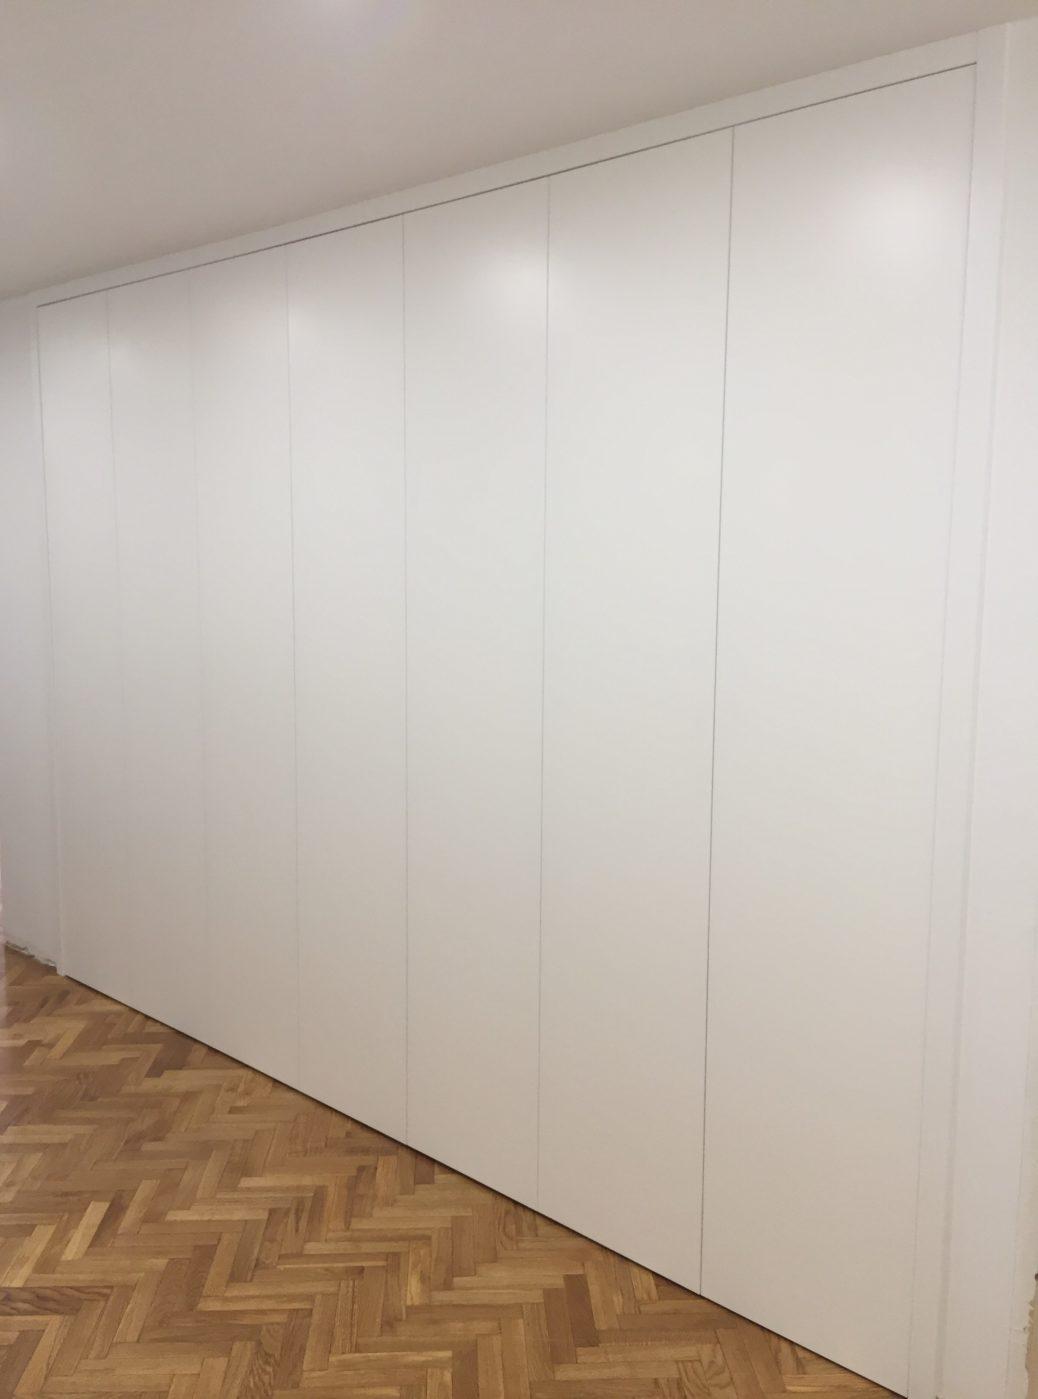 Armario dise o liso armarios empotrados segra - Lacar puertas en blanco presupuesto ...